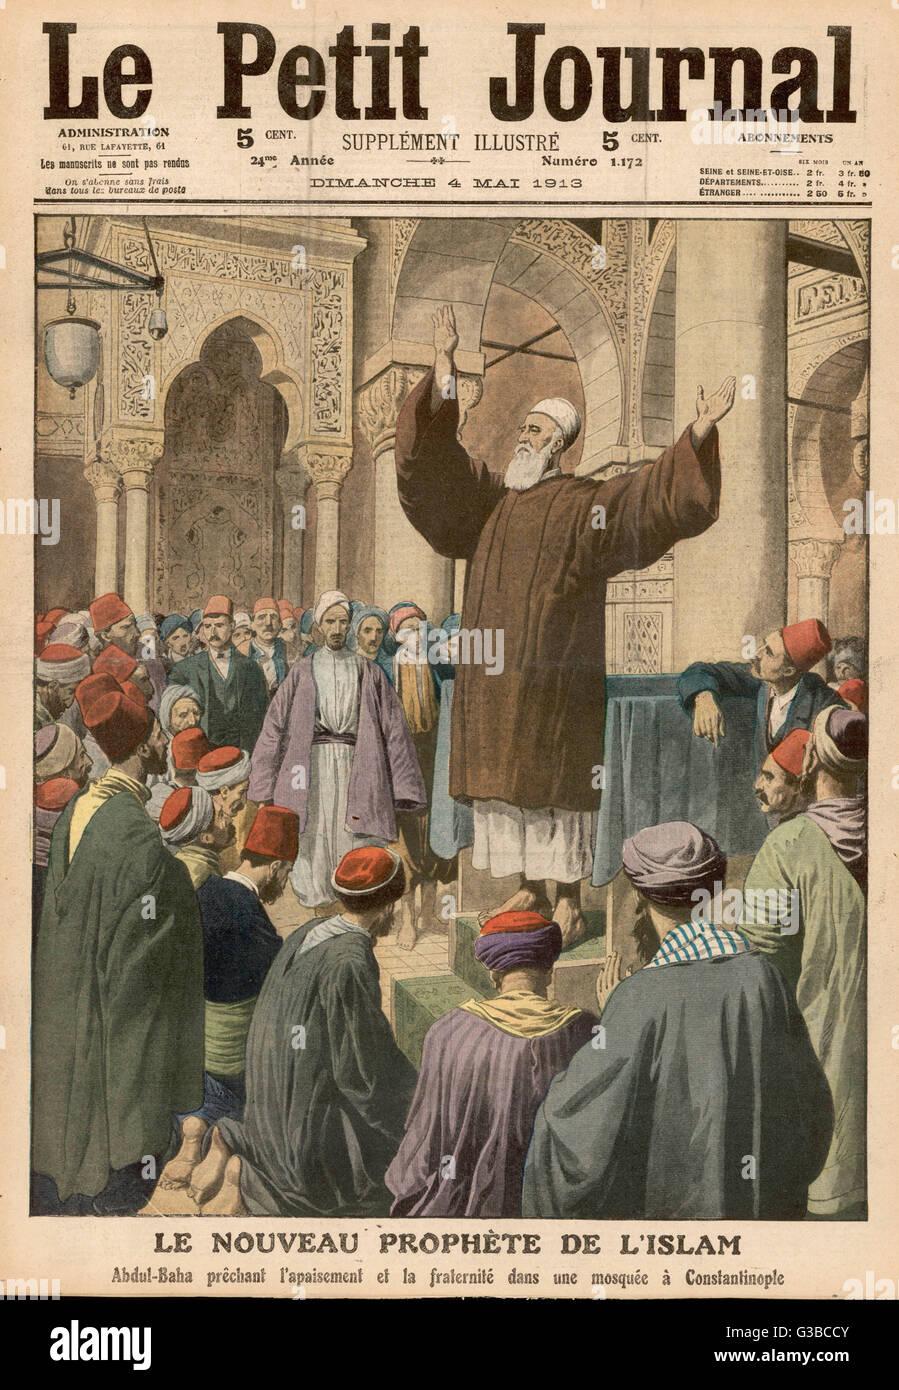 Abdul Baha, jefe del movimiento Bahaist, predica la paz y la fraternidad en una mezquita en Estambul Fecha: 1913 Imagen De Stock